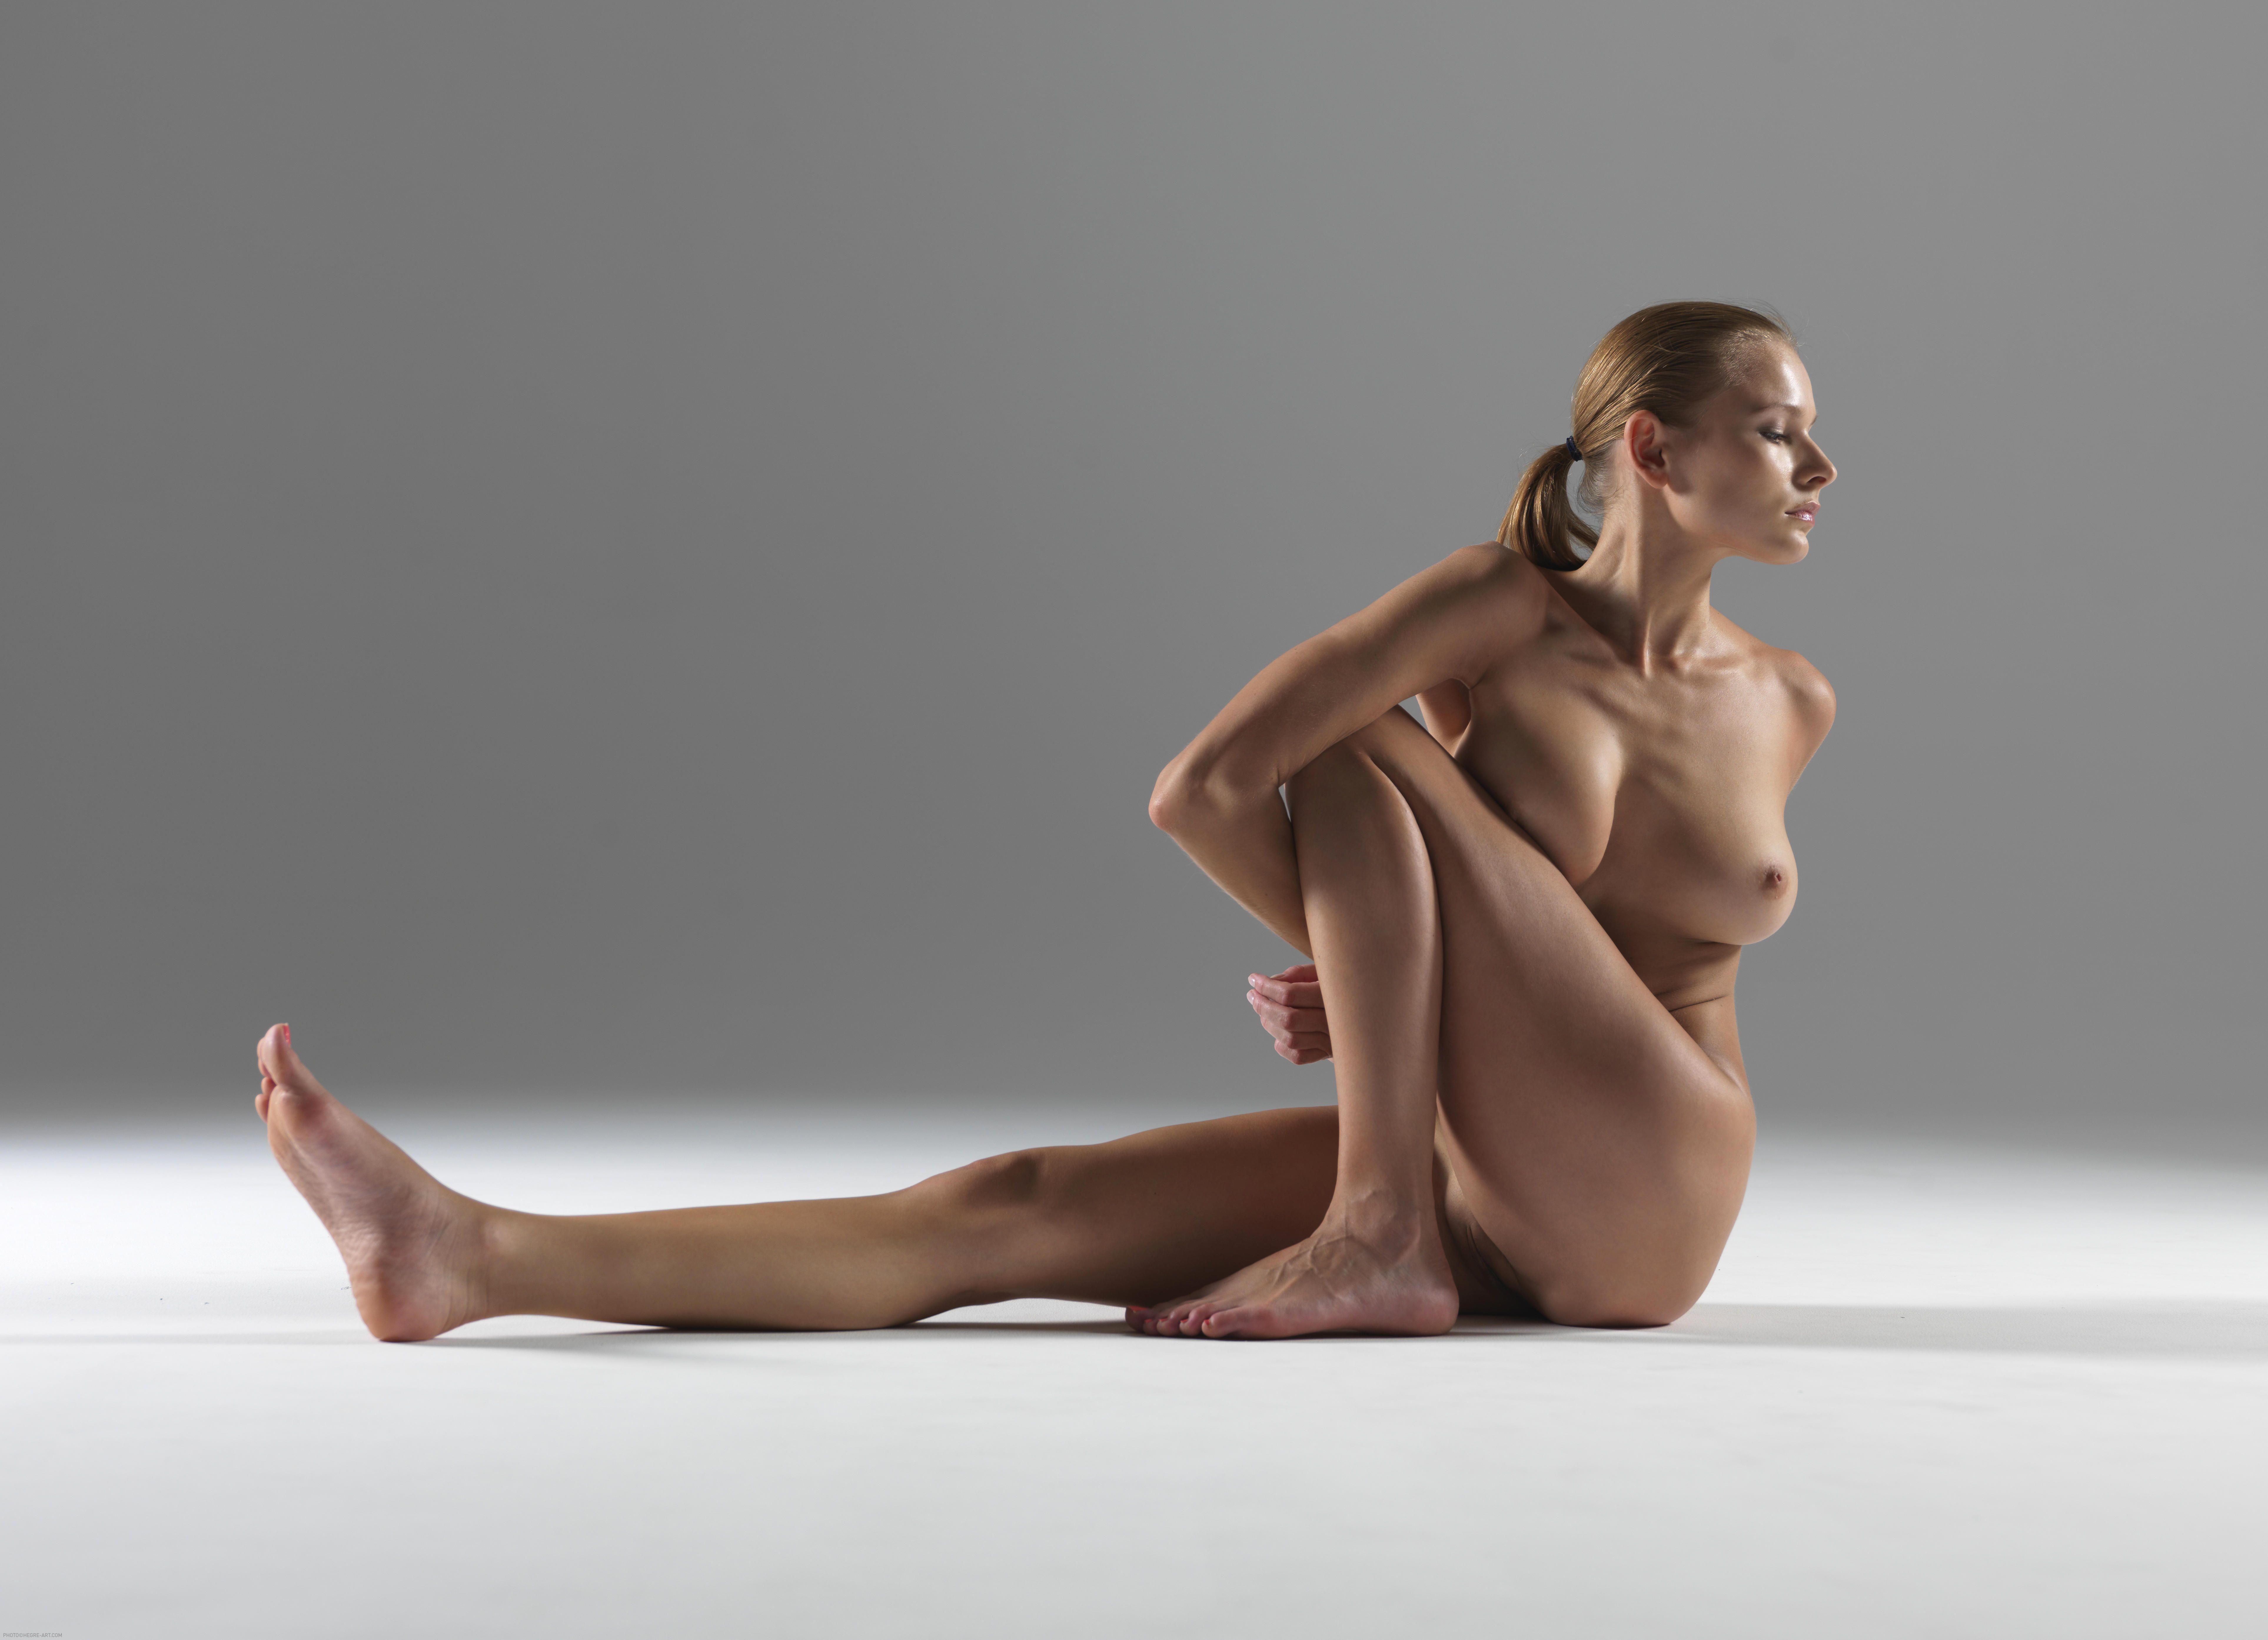 специфический йога голая онлайн члена